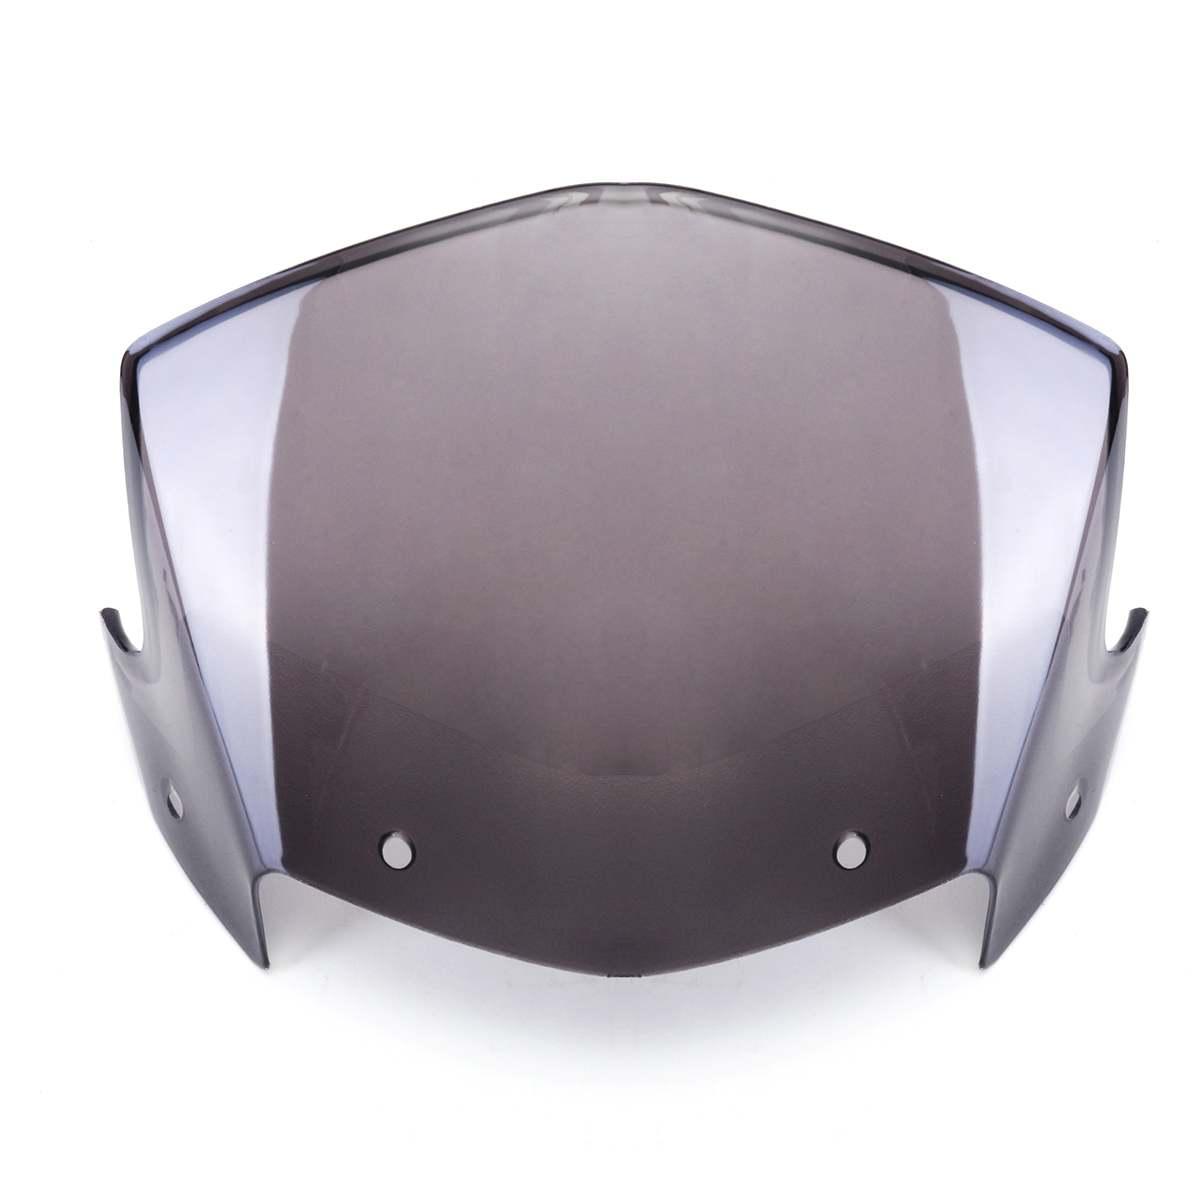 Pantalla protectora de viento de carenado para faro delantero transparente de Yamaha YBR 125, color marrón, para parabrisas de Motor, con accesorios 2014-2017